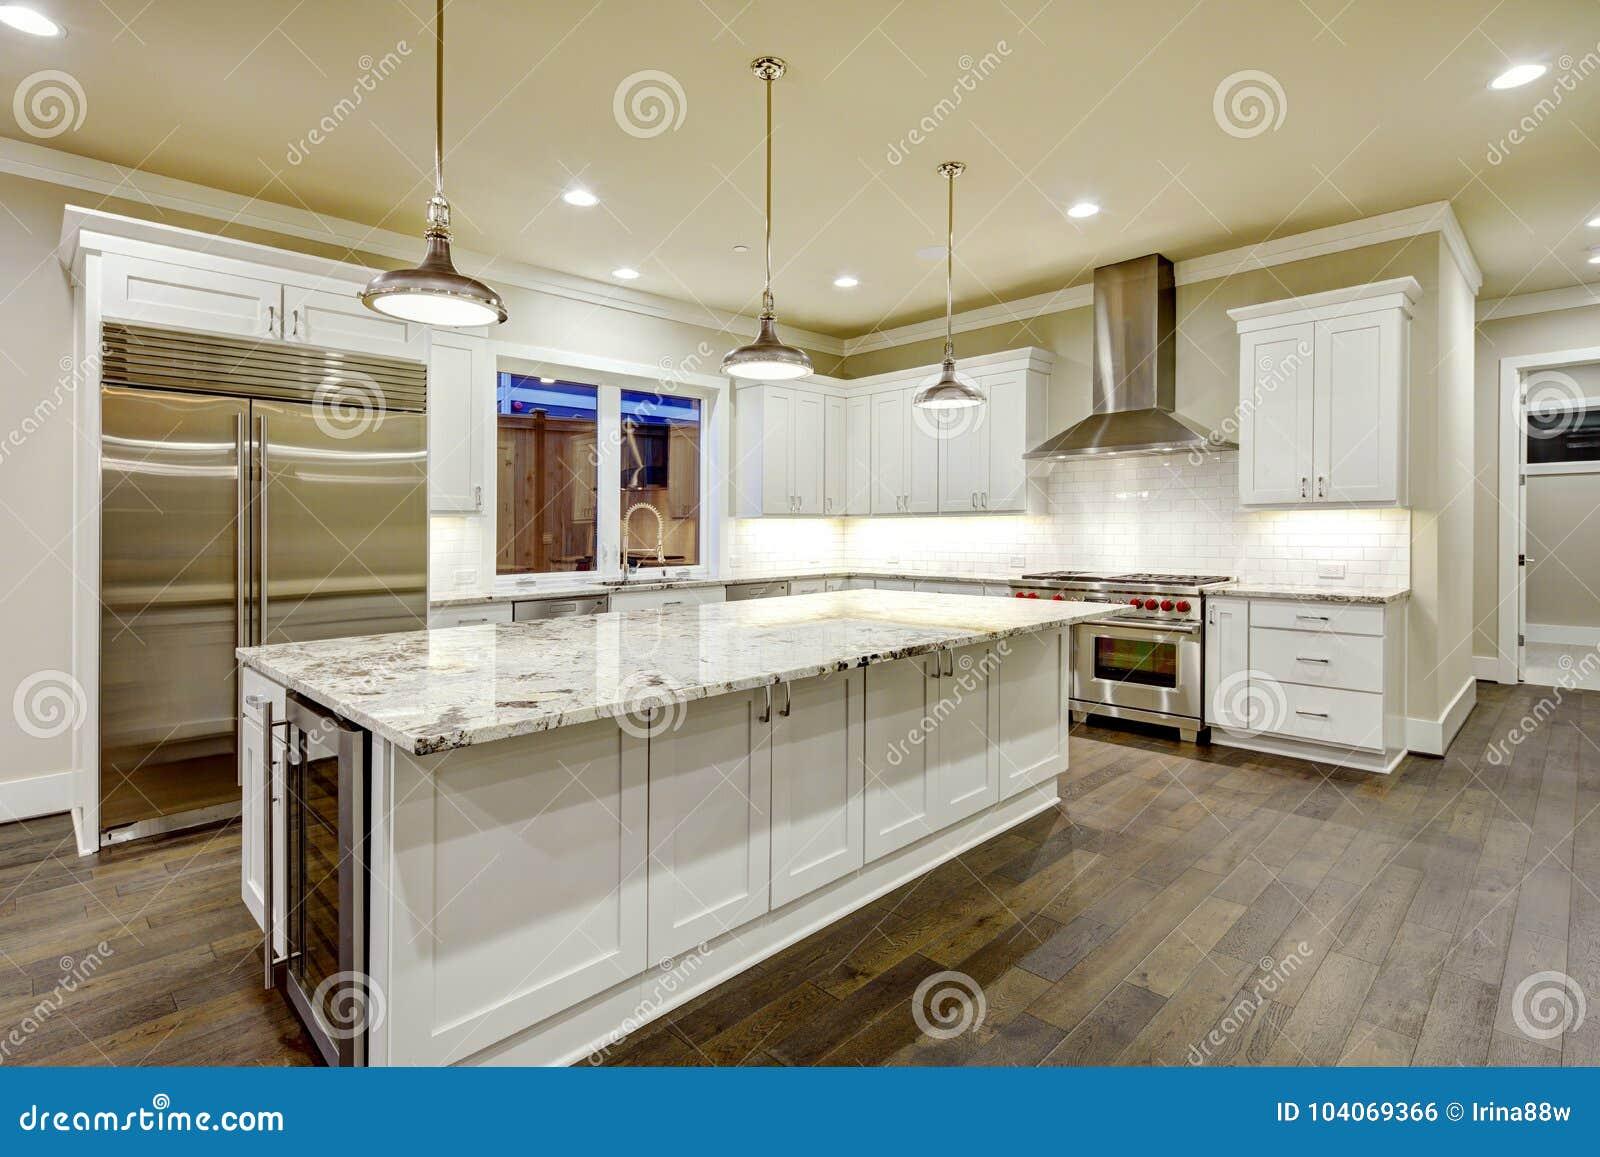 Grande Projeto Espacoso Da Cozinha Com Os Armarios De Cozinha Brancos Foto De Stock Imagem De Cozinha Grande 104069366